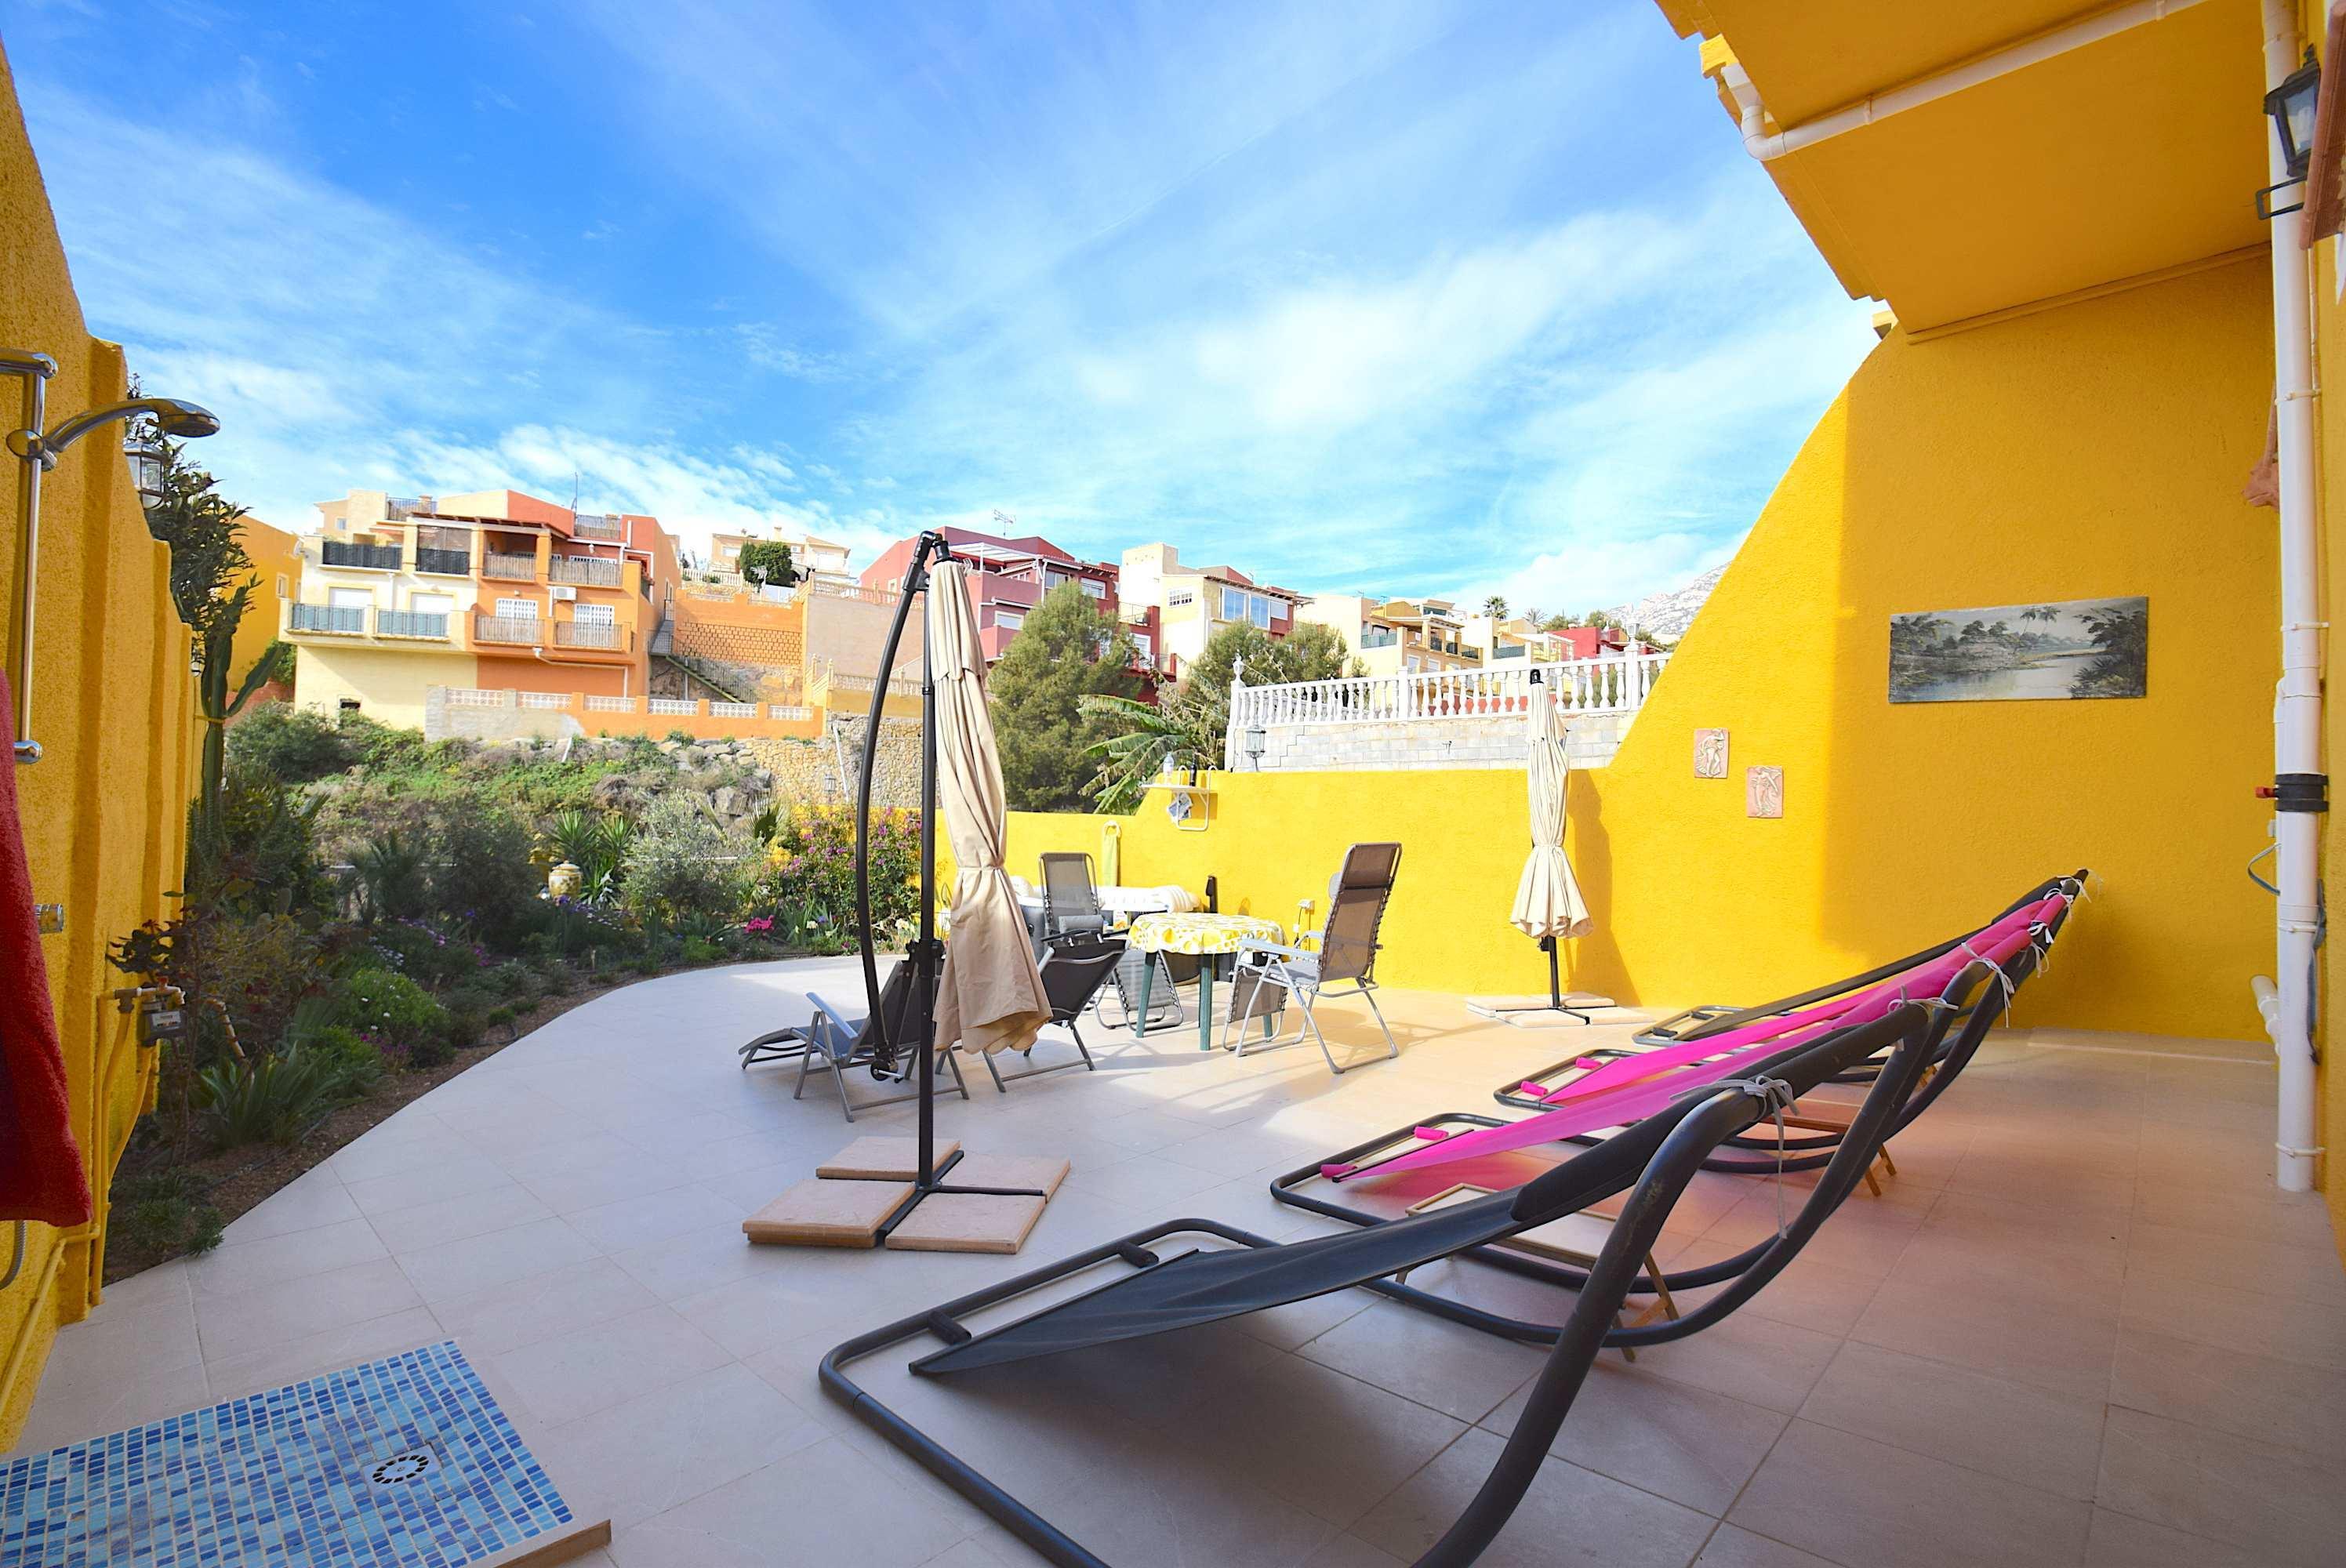 Fantastico chalet pareado con vistas panoramicas en La Nucia